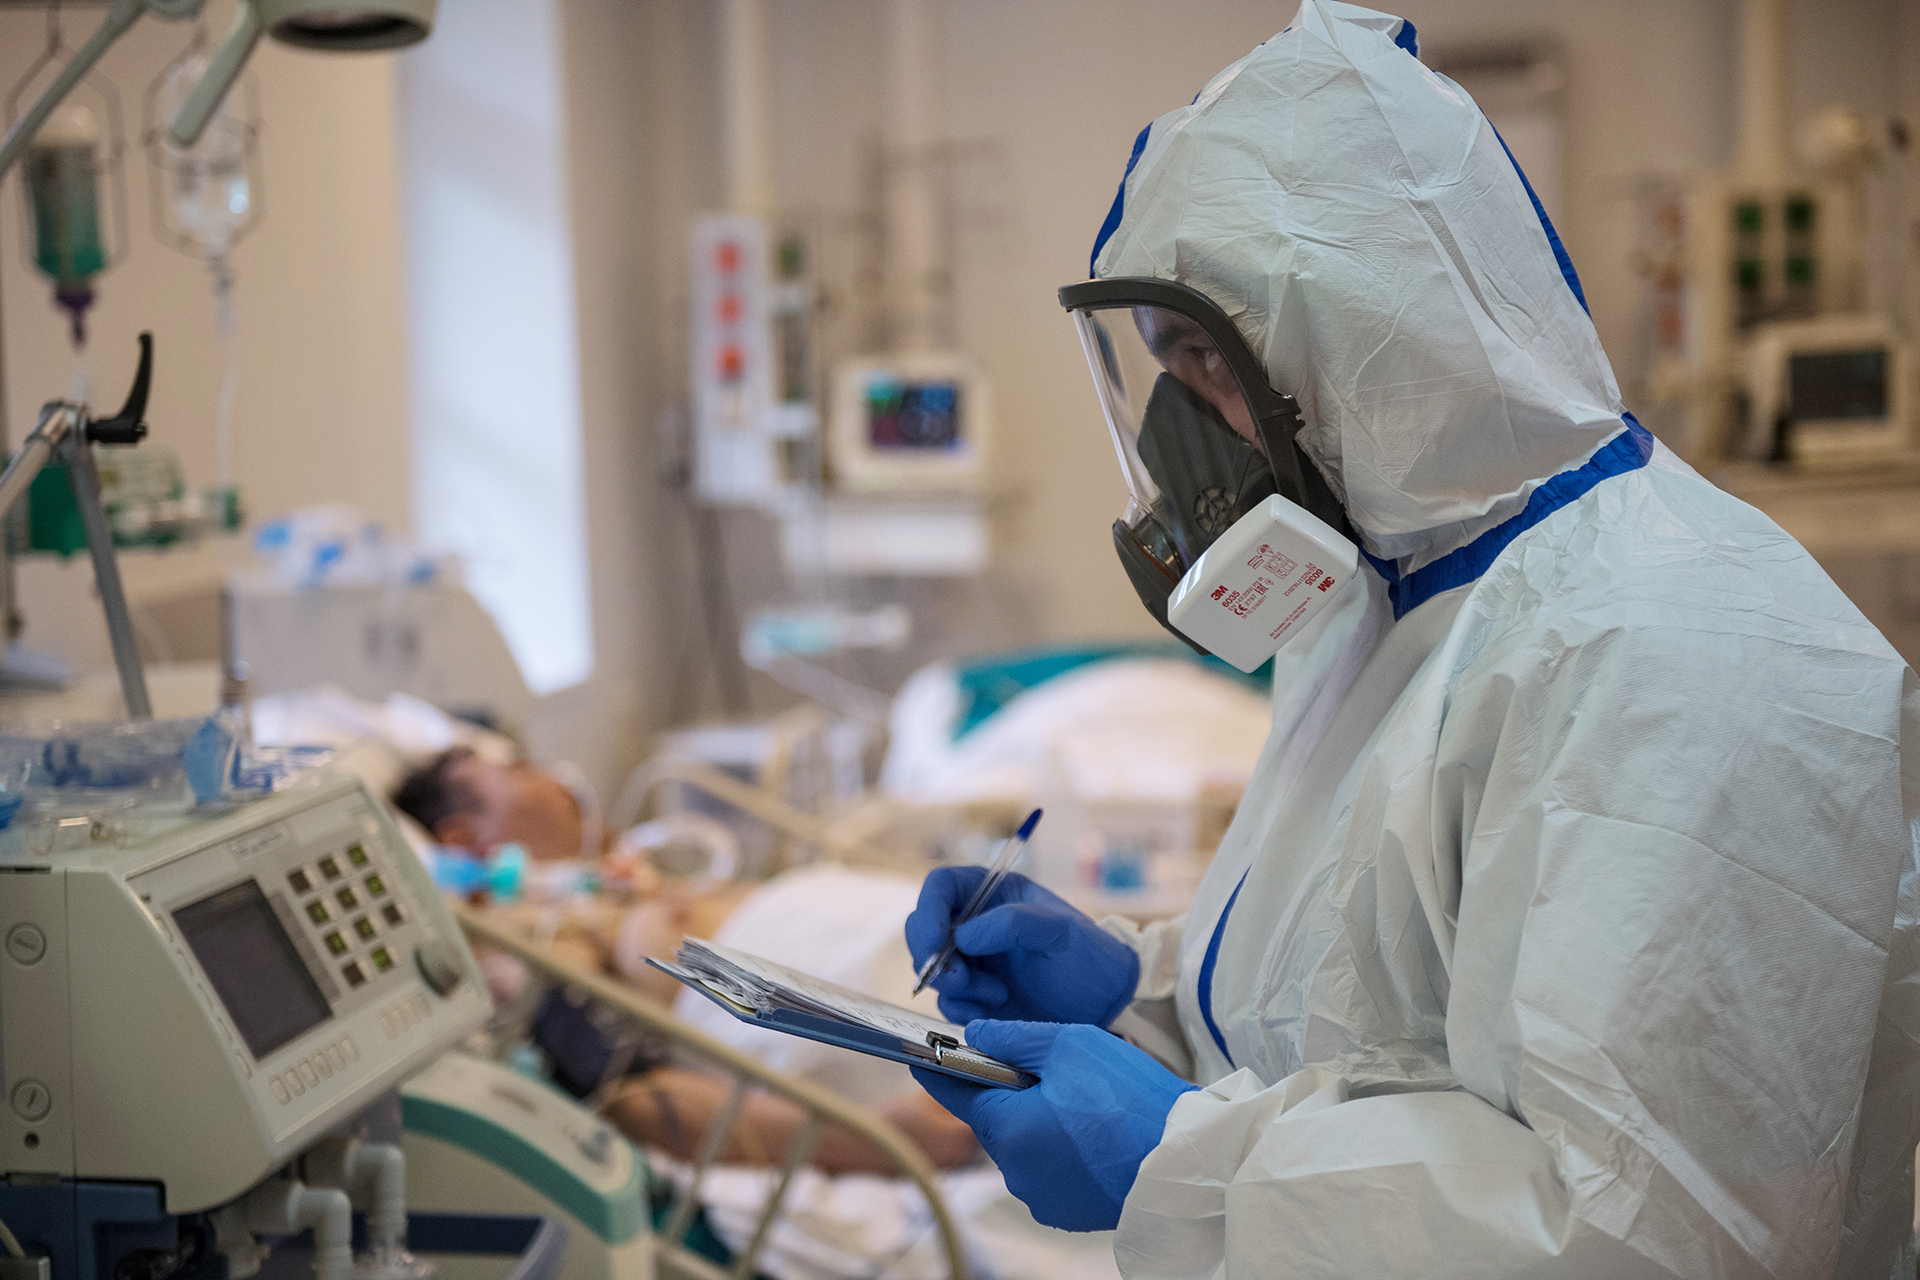 Врачи рассказали, сколько длится коронавирусная инфекция